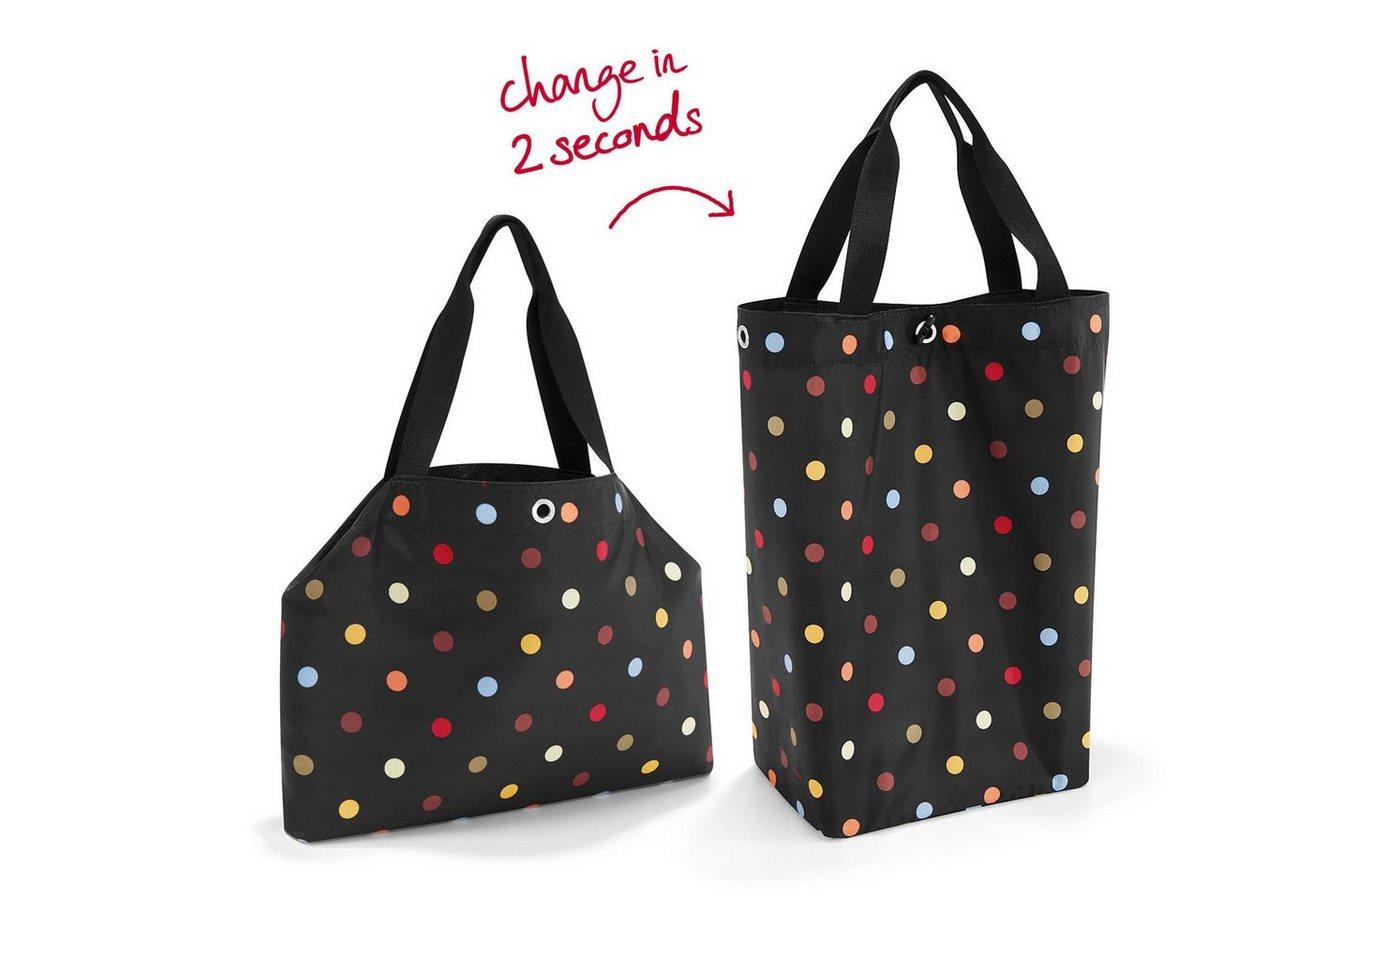 REISENTHEL® Einkaufstasche »changebag« | Taschen > Handtaschen > Einkaufstasche | REISENTHEL®